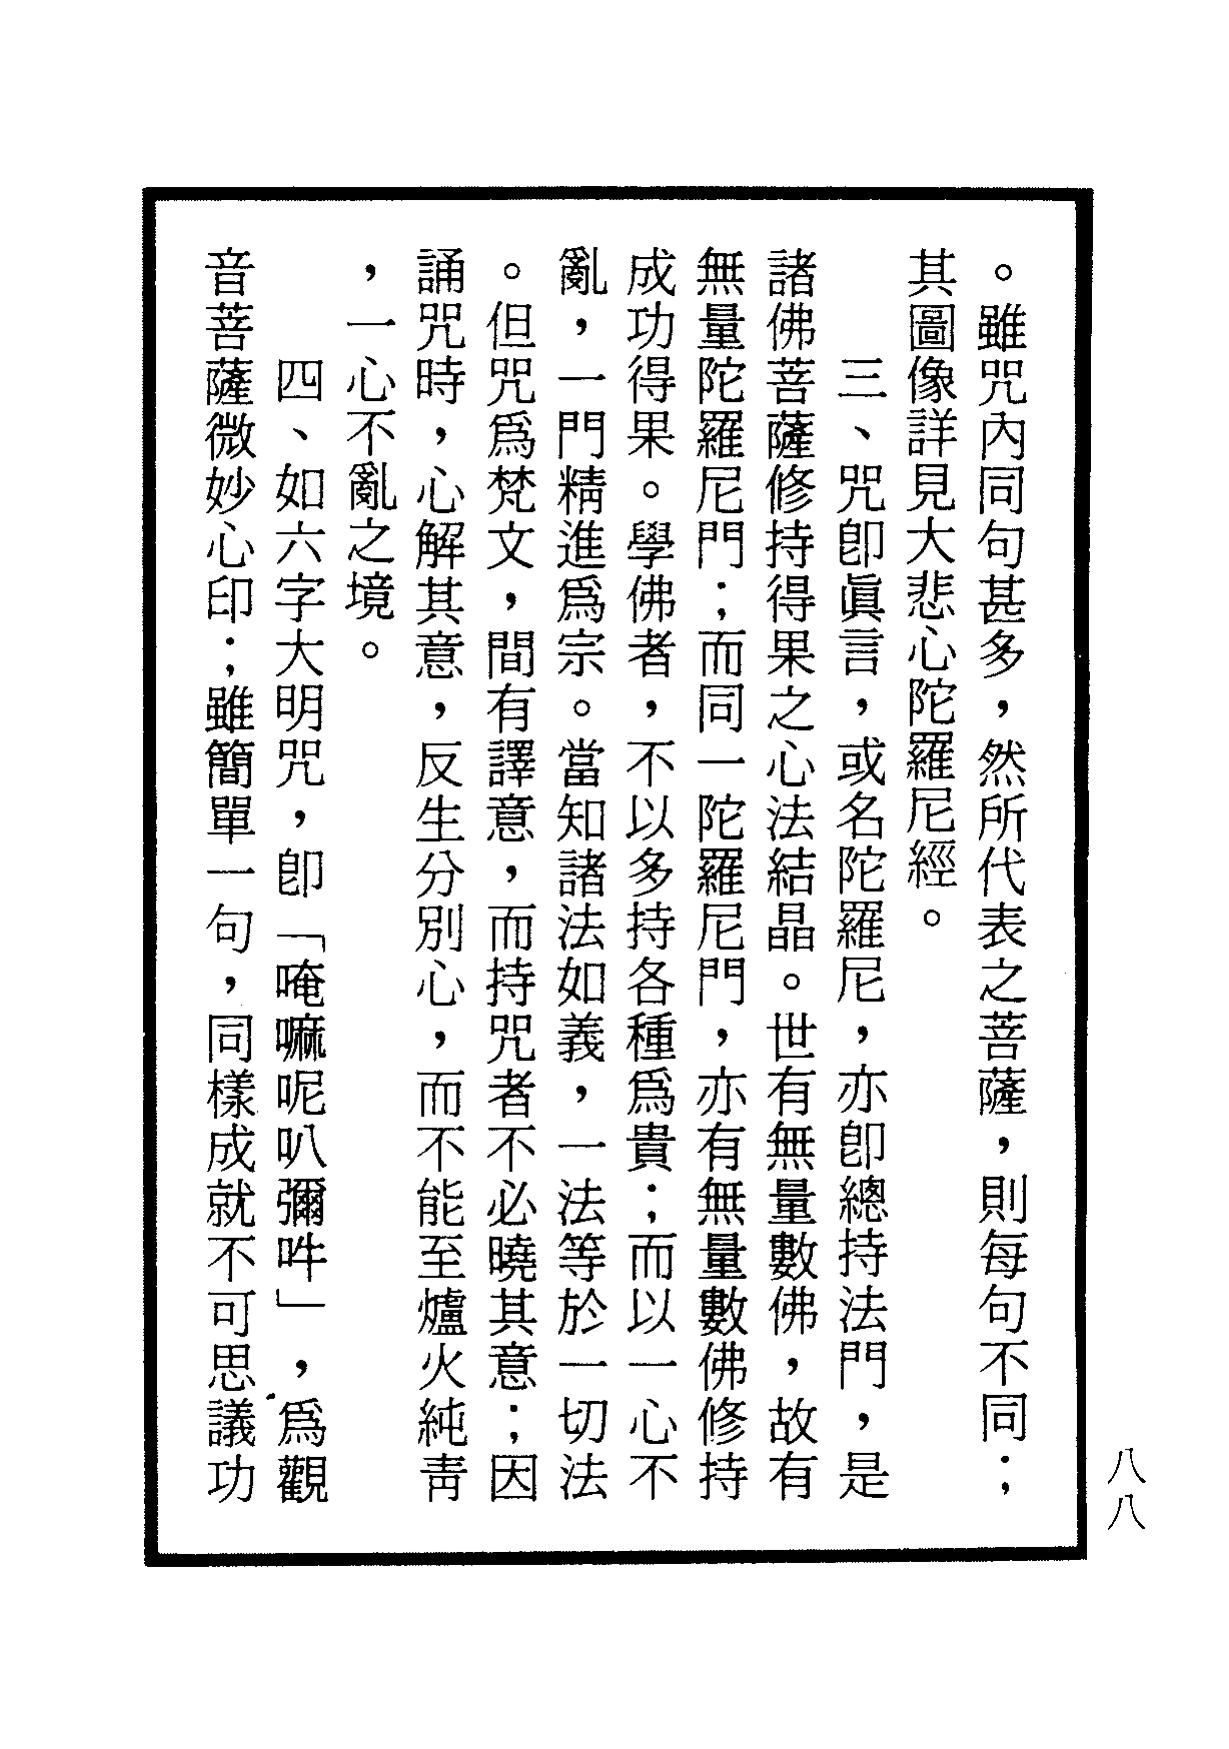 楞嚴咒-大悲咒-十小咒-易背本 94.png